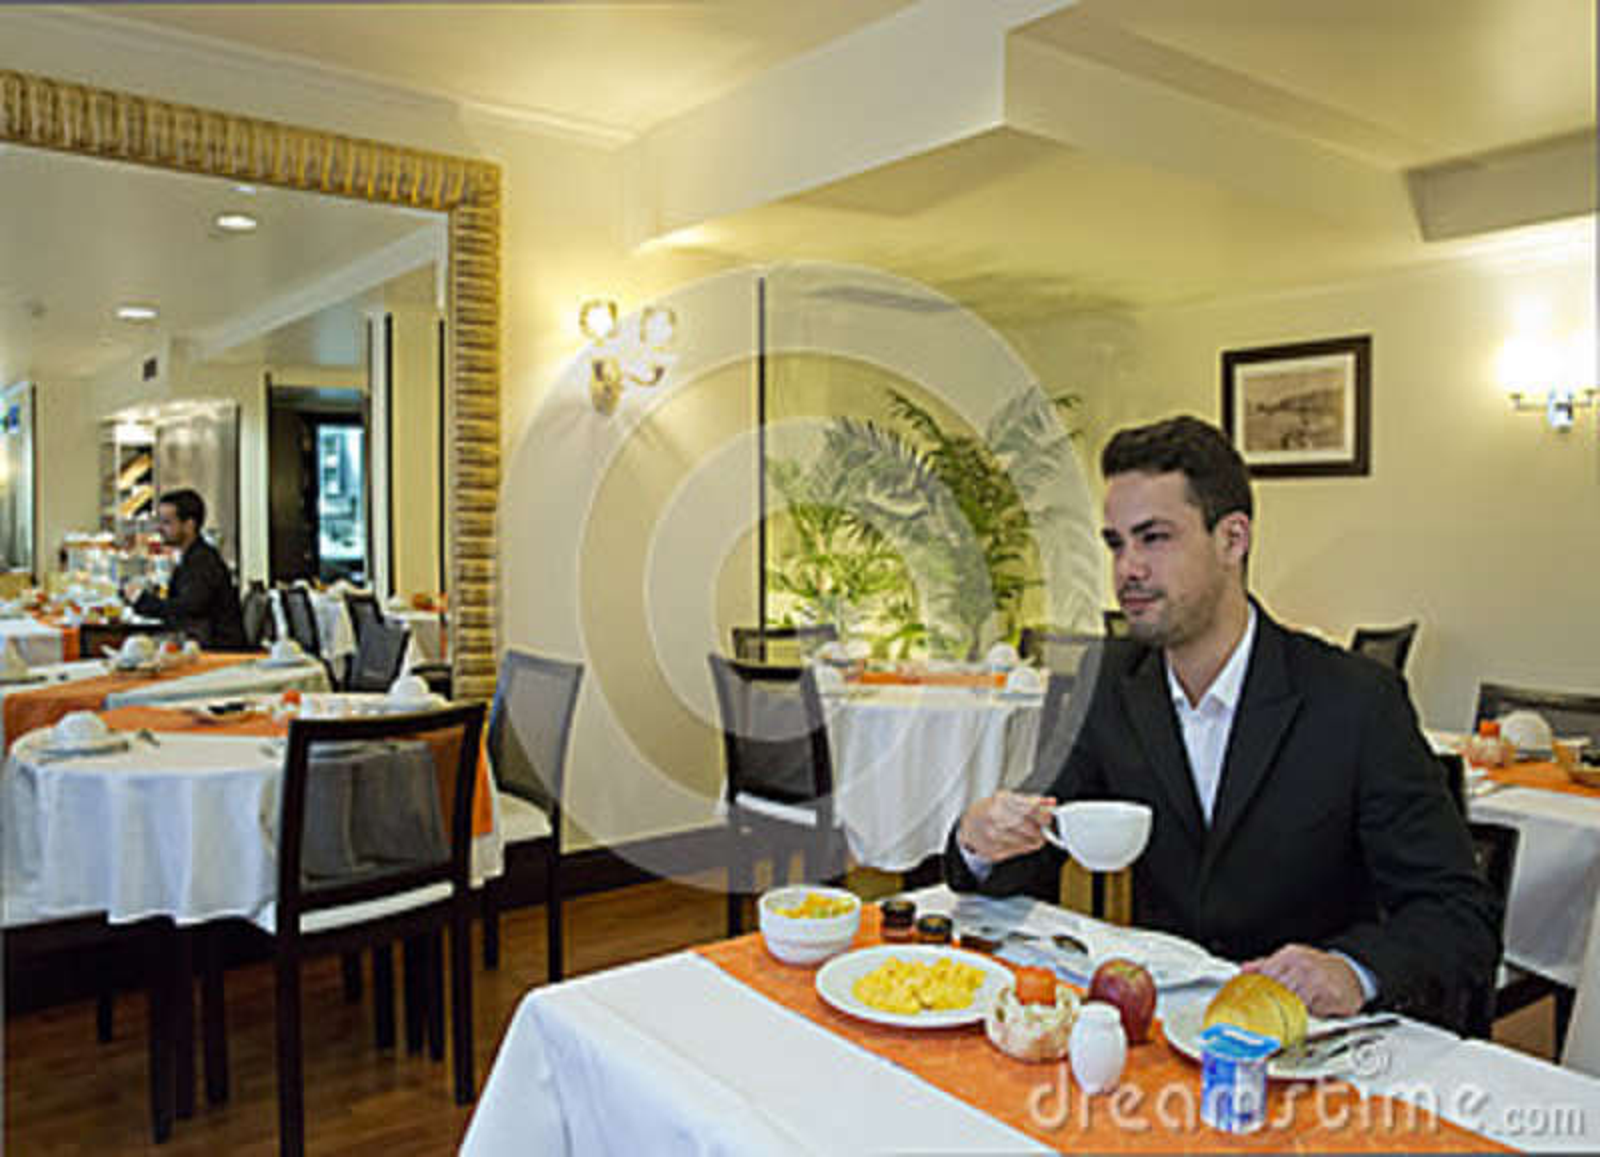 Бизнесмен принимает завтрак в гостинице